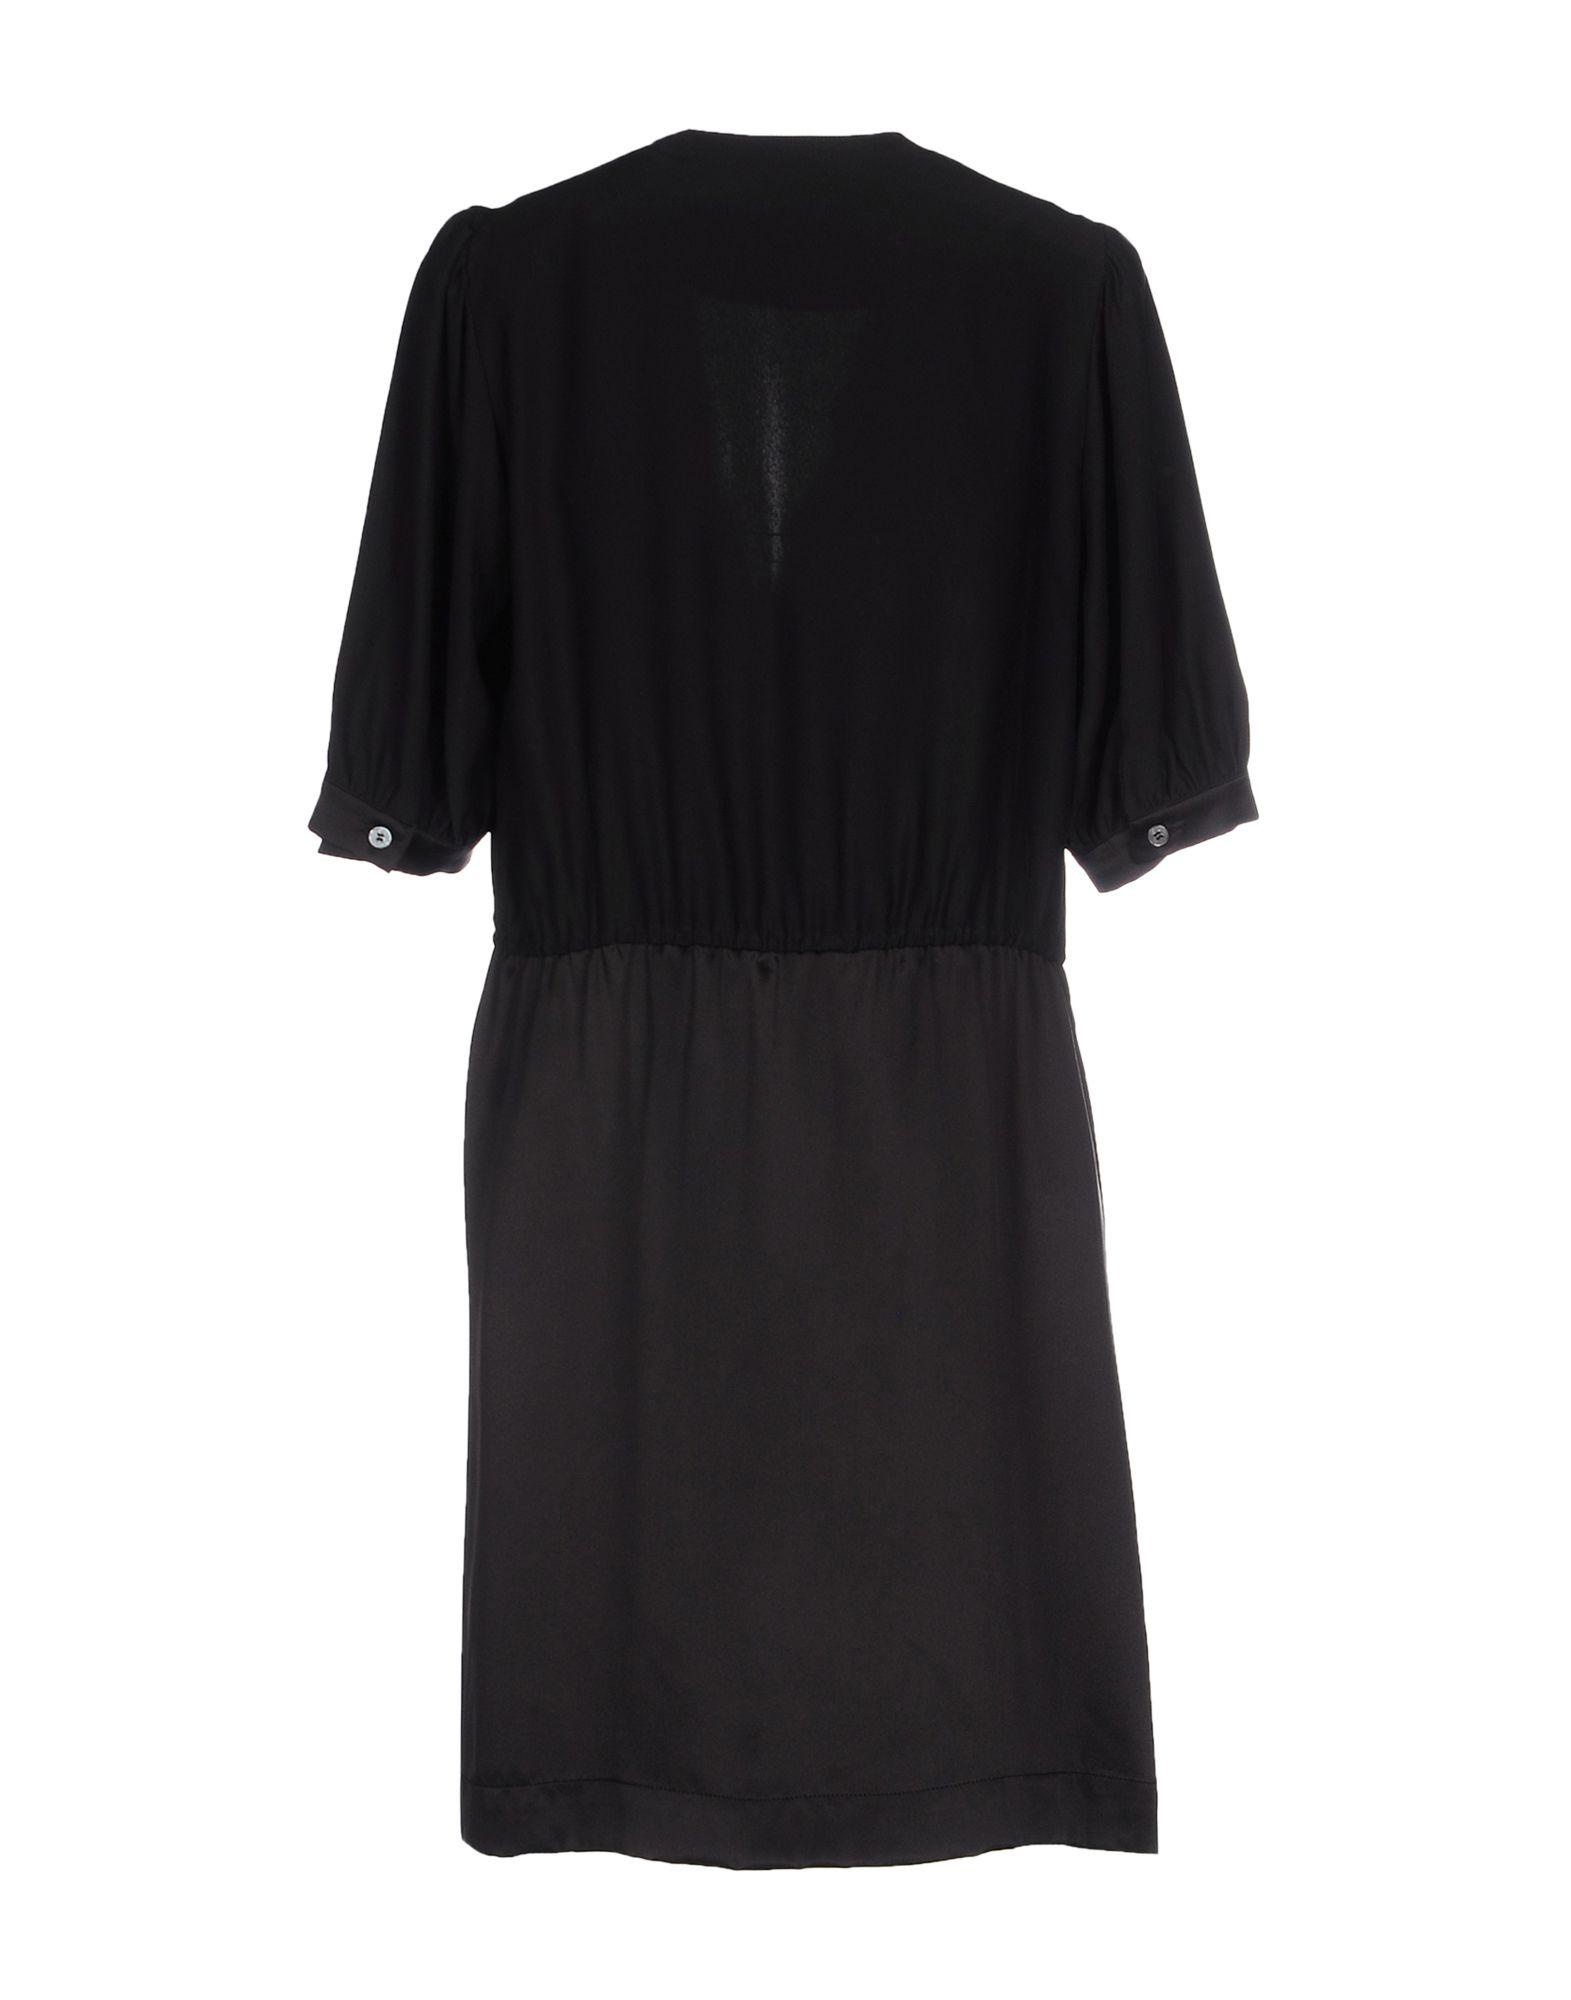 DRESSES - Short dresses Momoni Free Shipping Extremely 2018 Unisex ukAax6Vz1